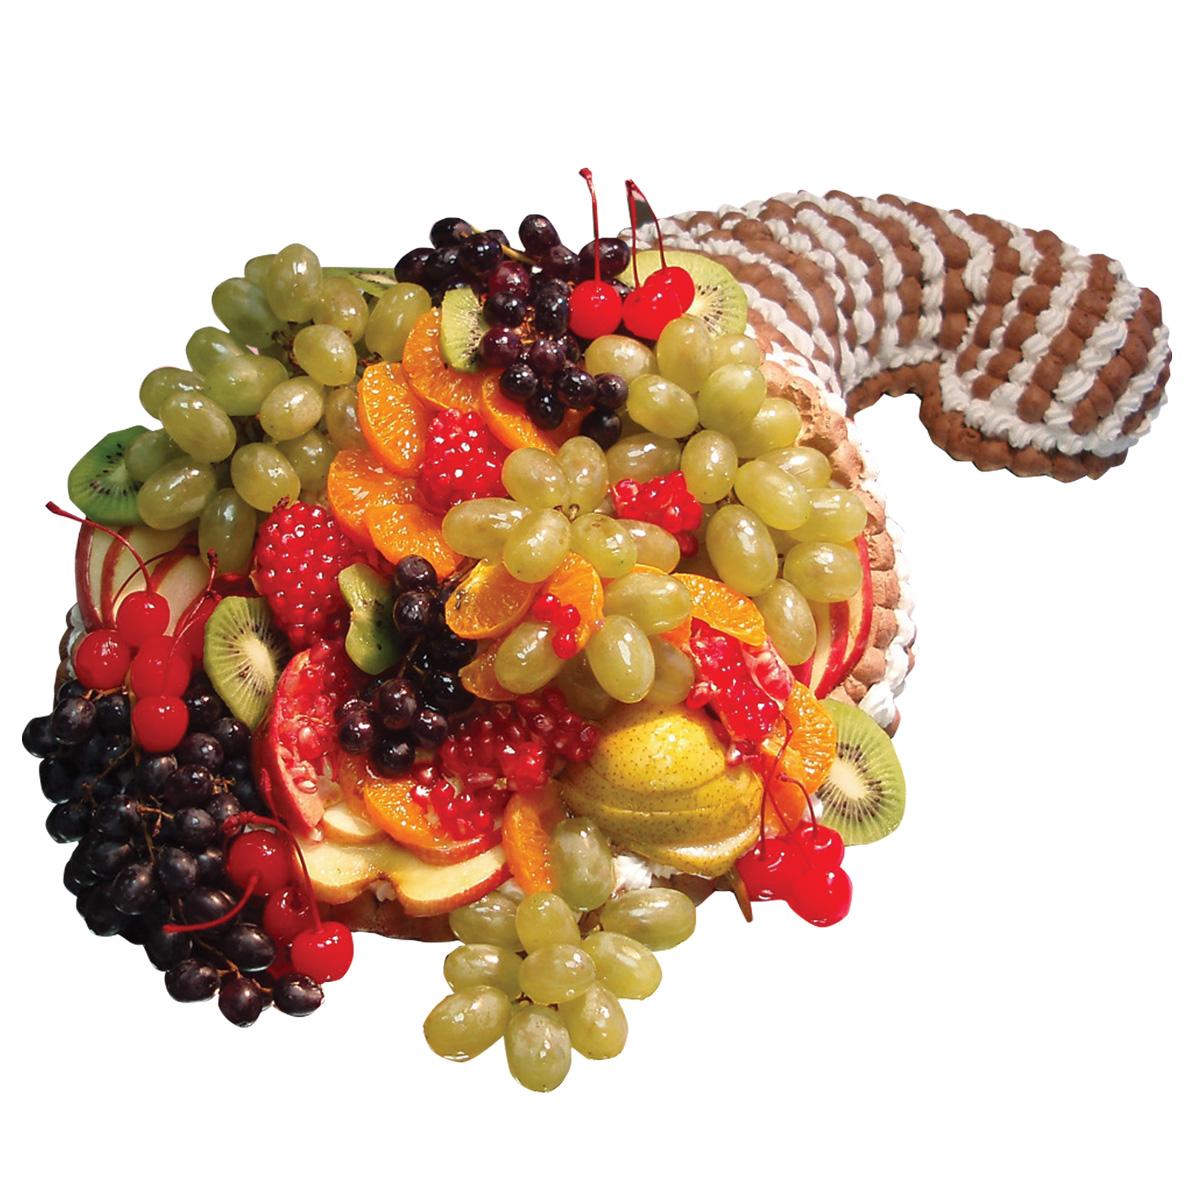 рог изобилия картинки с фруктами